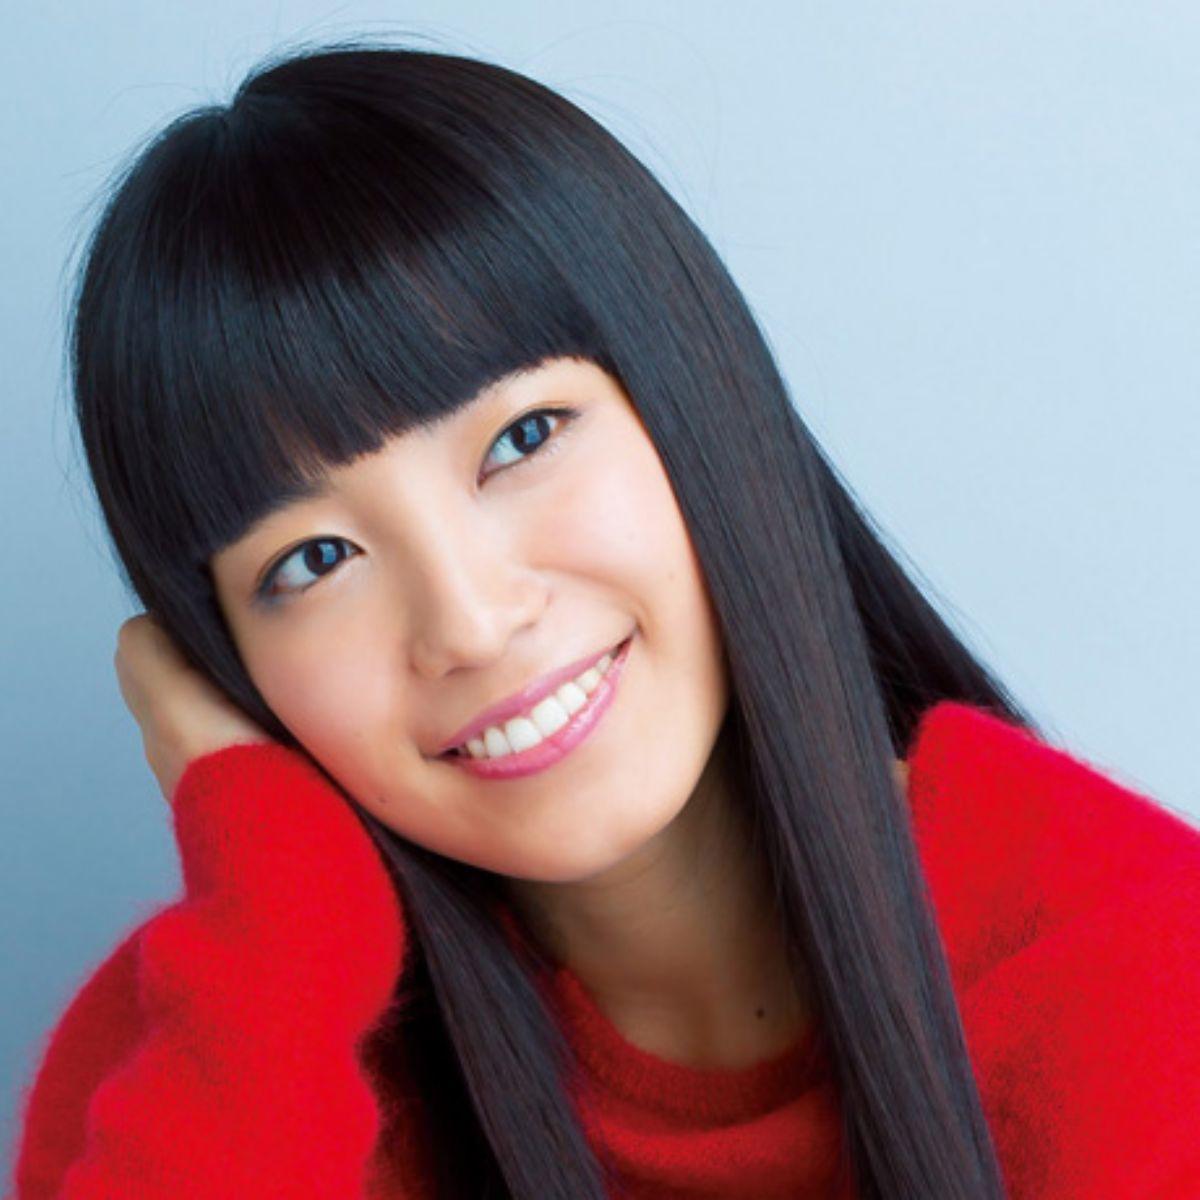 人気のシンガーソングライター・miwaのライブグッズとは一体?のサムネイル画像